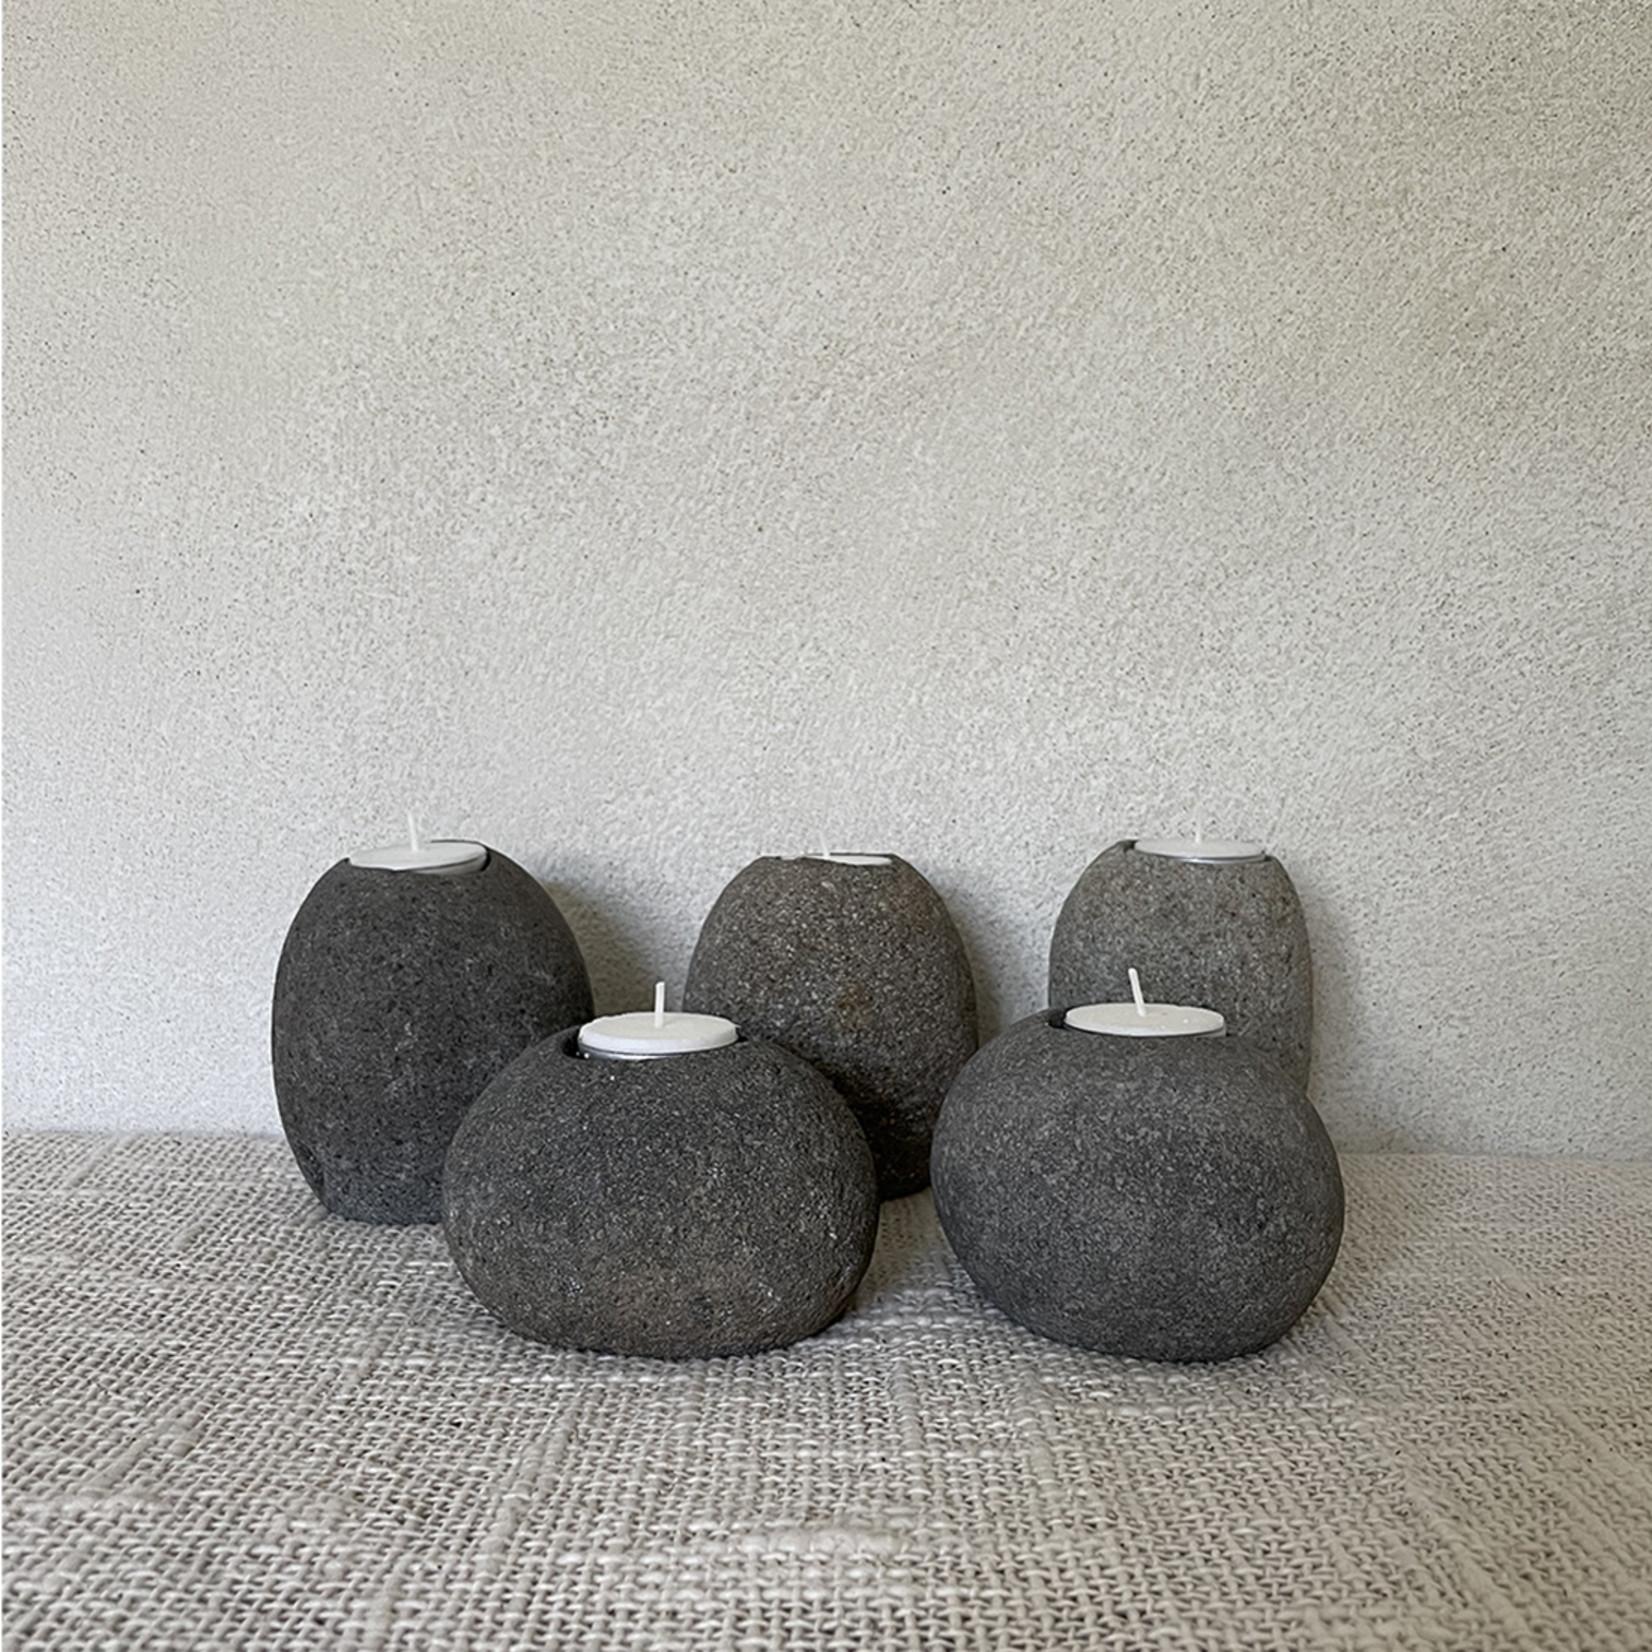 Pebble stone tea light holder set